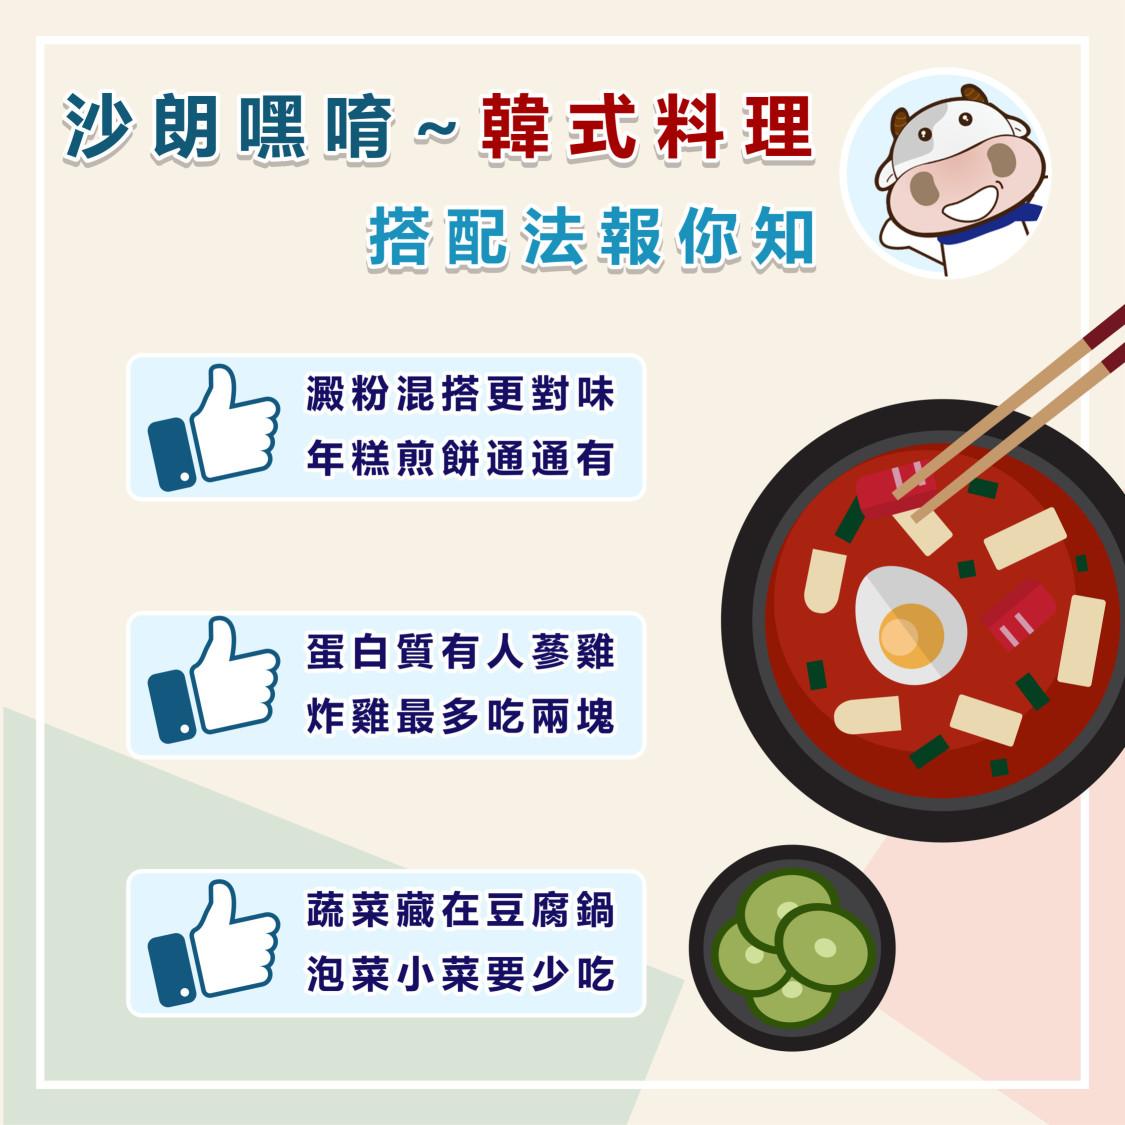 糖尿病也能吃韓式料理!澱粉、蛋白質、蔬菜這樣搭